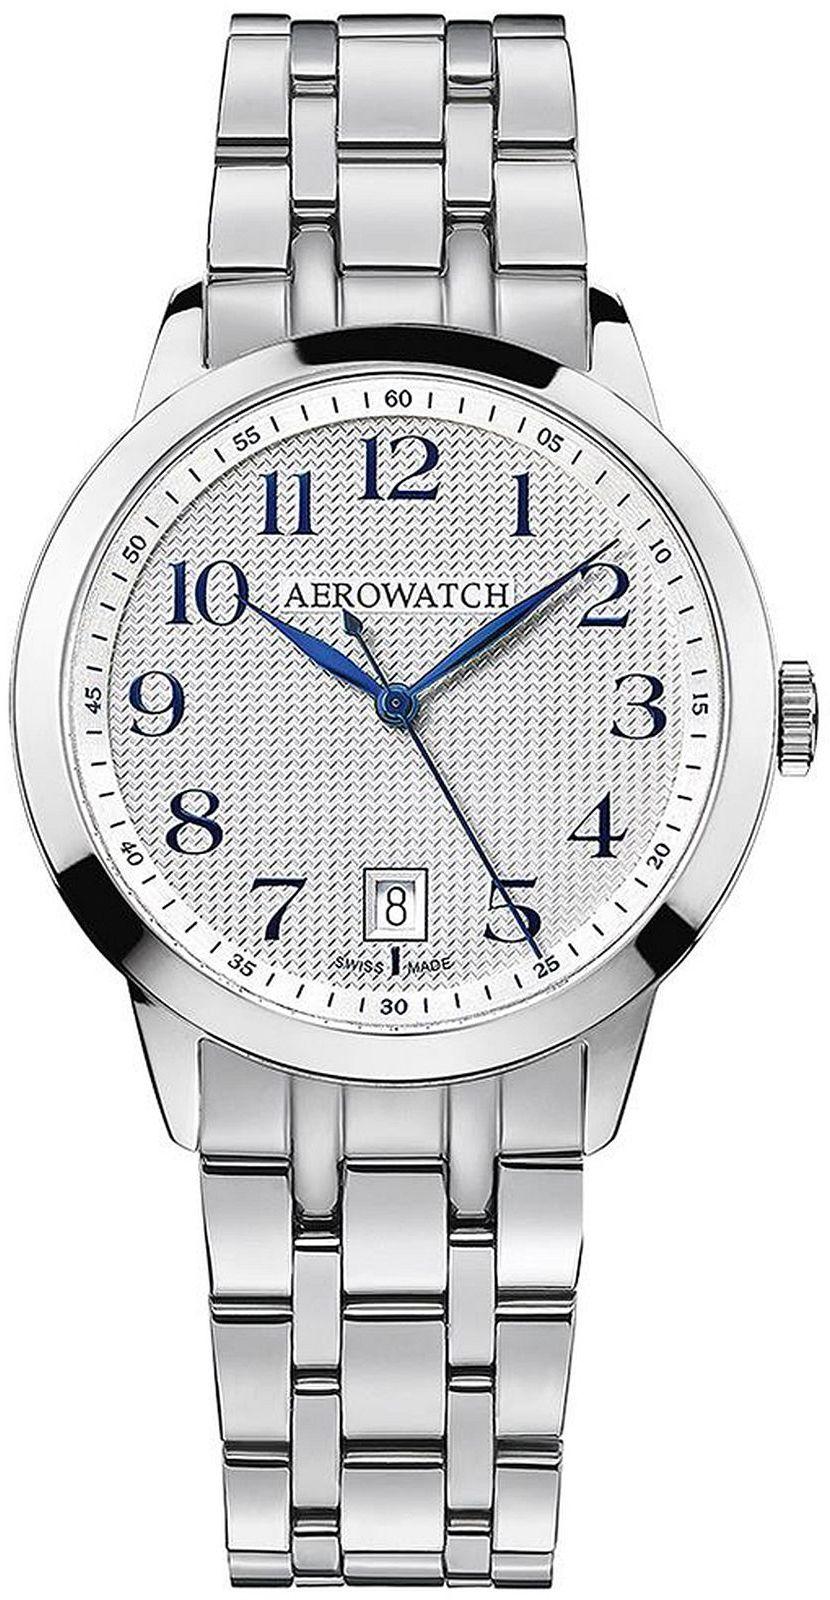 Aerowatch 42972-AA11-M > Wysyłka tego samego dnia Grawer 0zł Darmowa dostawa Kurierem/Inpost Darmowy zwrot przez 100 DNI